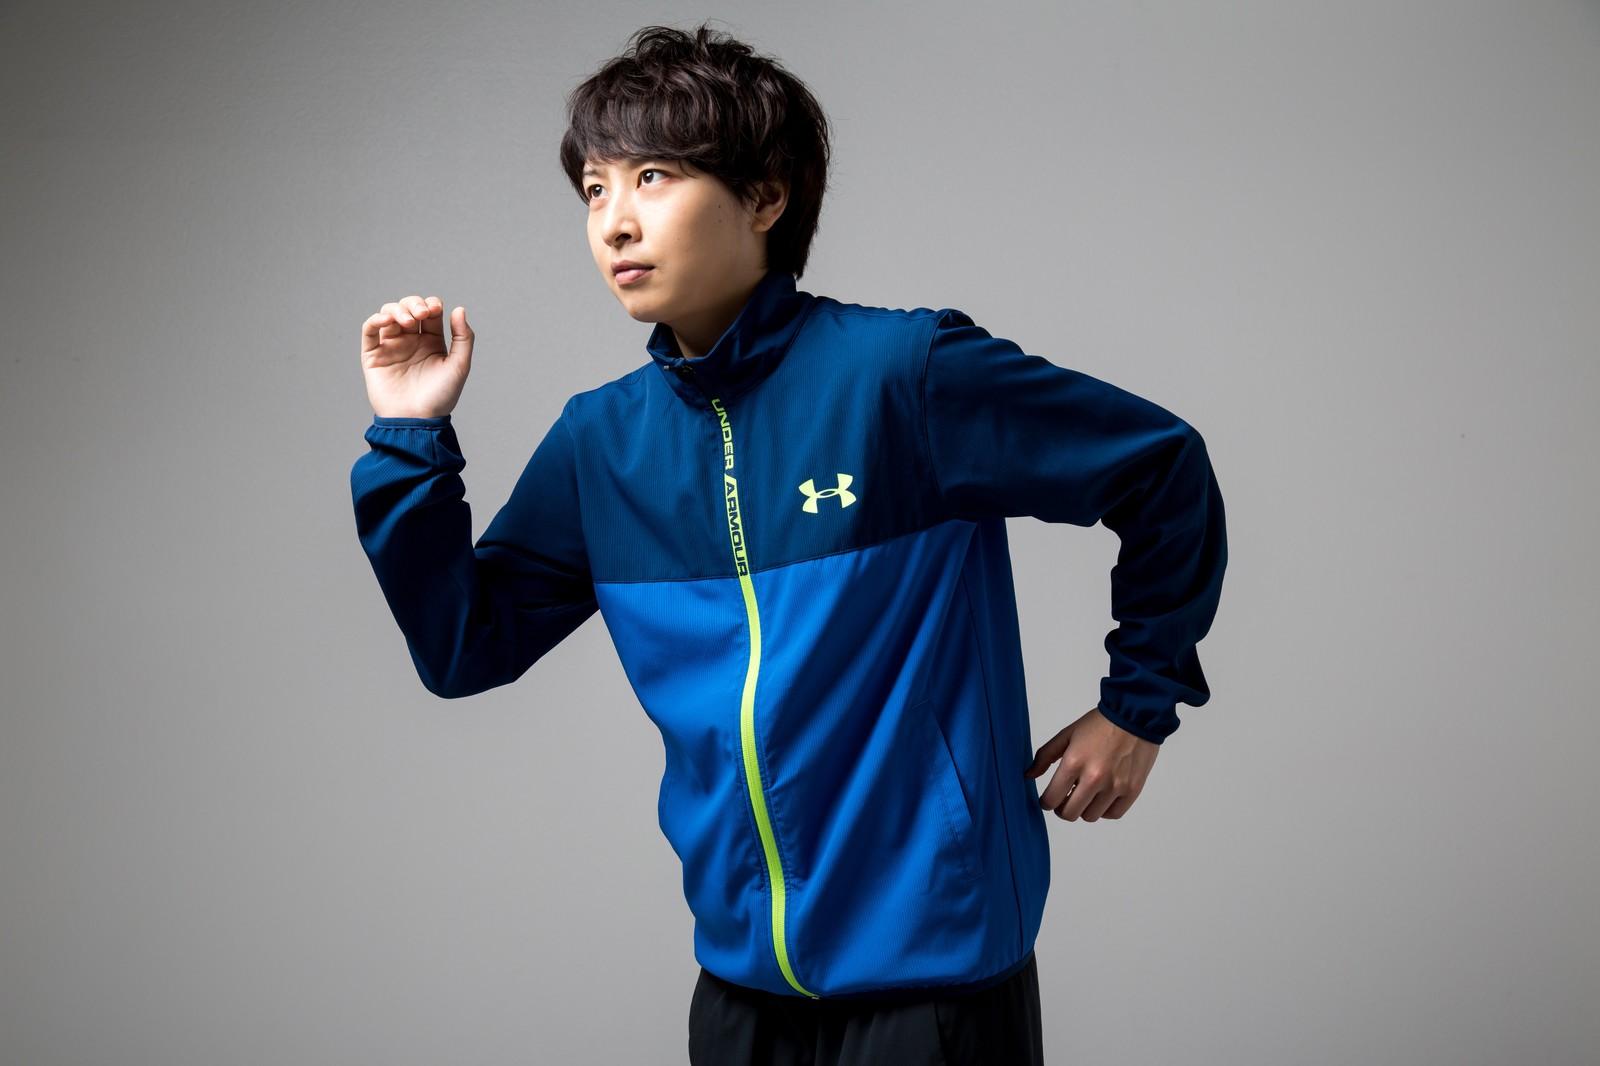 橋本聖子 競技 オリンピック